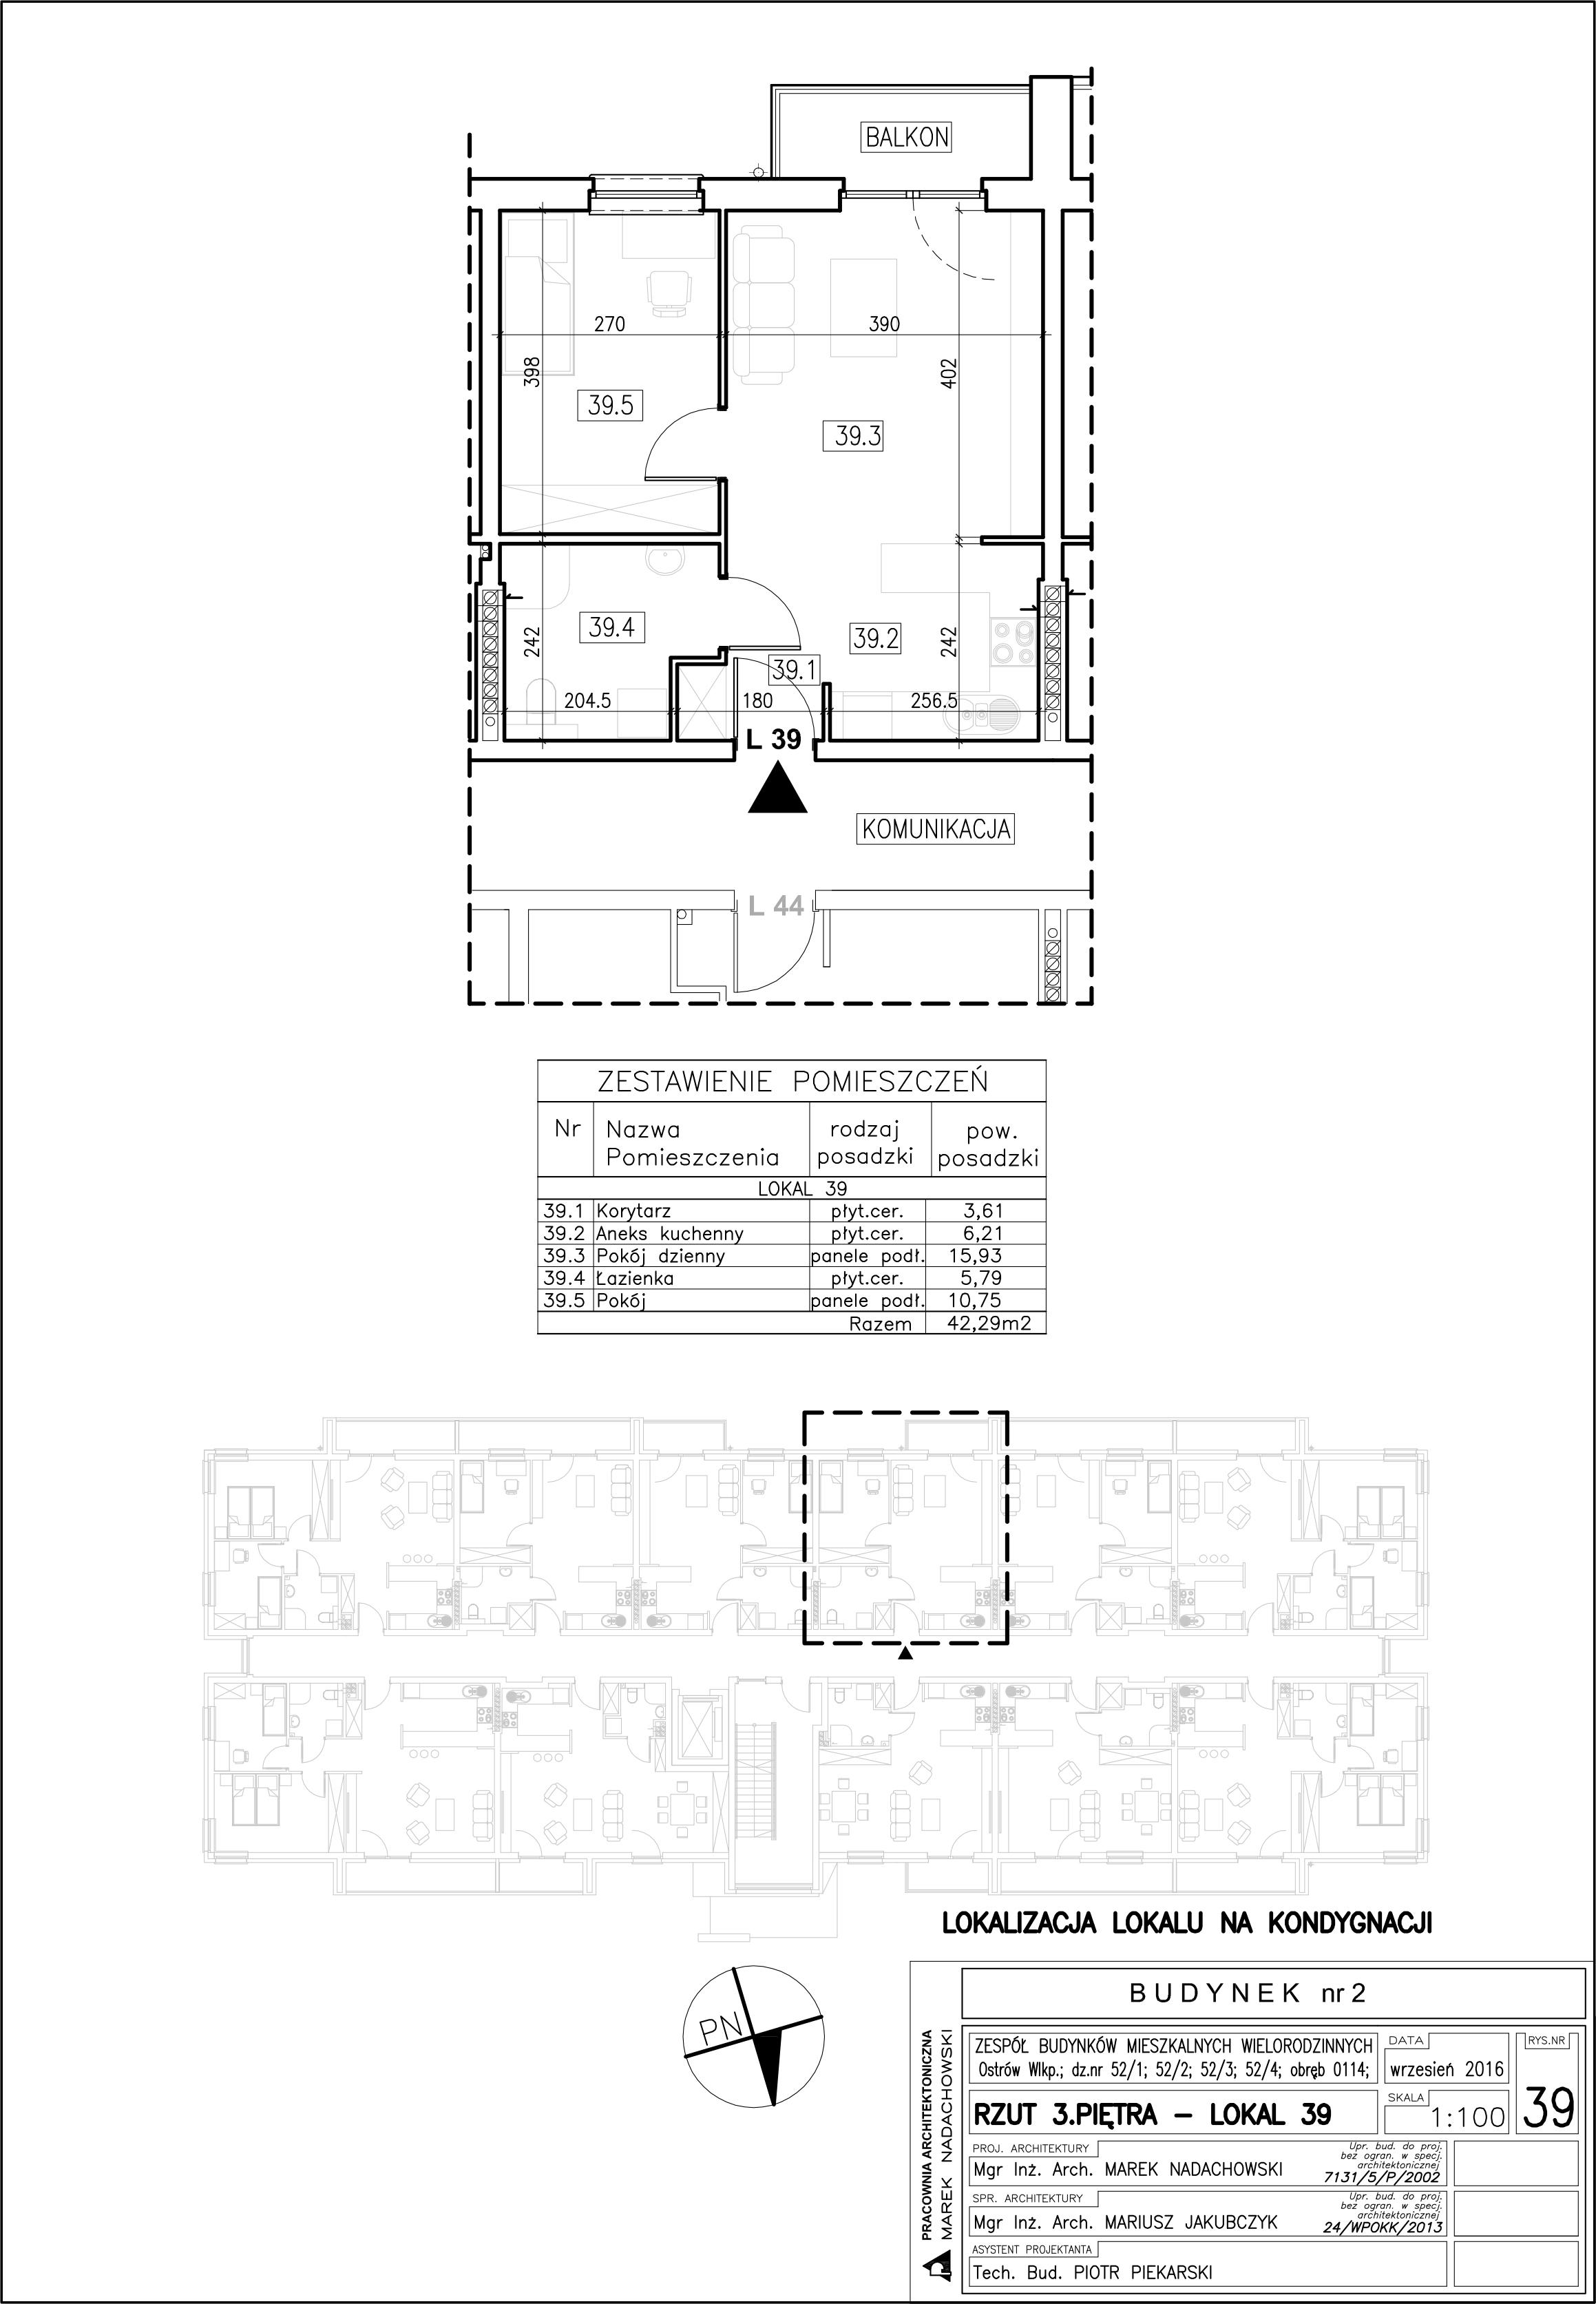 Lokal nr 39 Powierzchnia: 42,29 m2